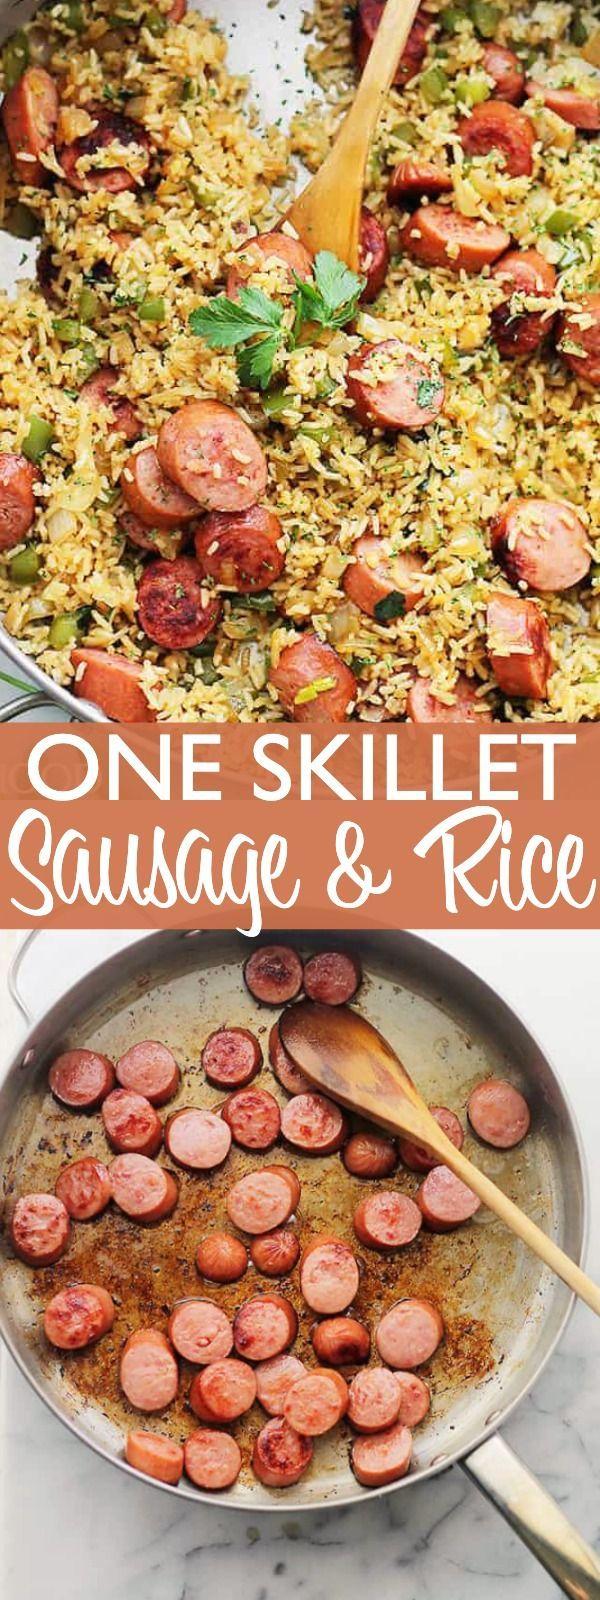 One Skillet Sausage and Rice - Bratwurst mit Reis ist eine leichte ... -  One Skillet Sausage and Rice – Wurst mit Reis ist ein einfaches Rezept für ein Abendessen unter  - #antiquedecor #apartmentdecor #bedroomdecor #bratwurst #eine #hamburgermeatrecipes #homedecor #ist #leichte #mit #mushroomrecipes #pioneerwomanrecipes #ramennoodlerecipes #Reis #Rice #sausage #sausagerecipes #skillet #tacorecipes #thairecipes #whole30recipes #sausagedinner